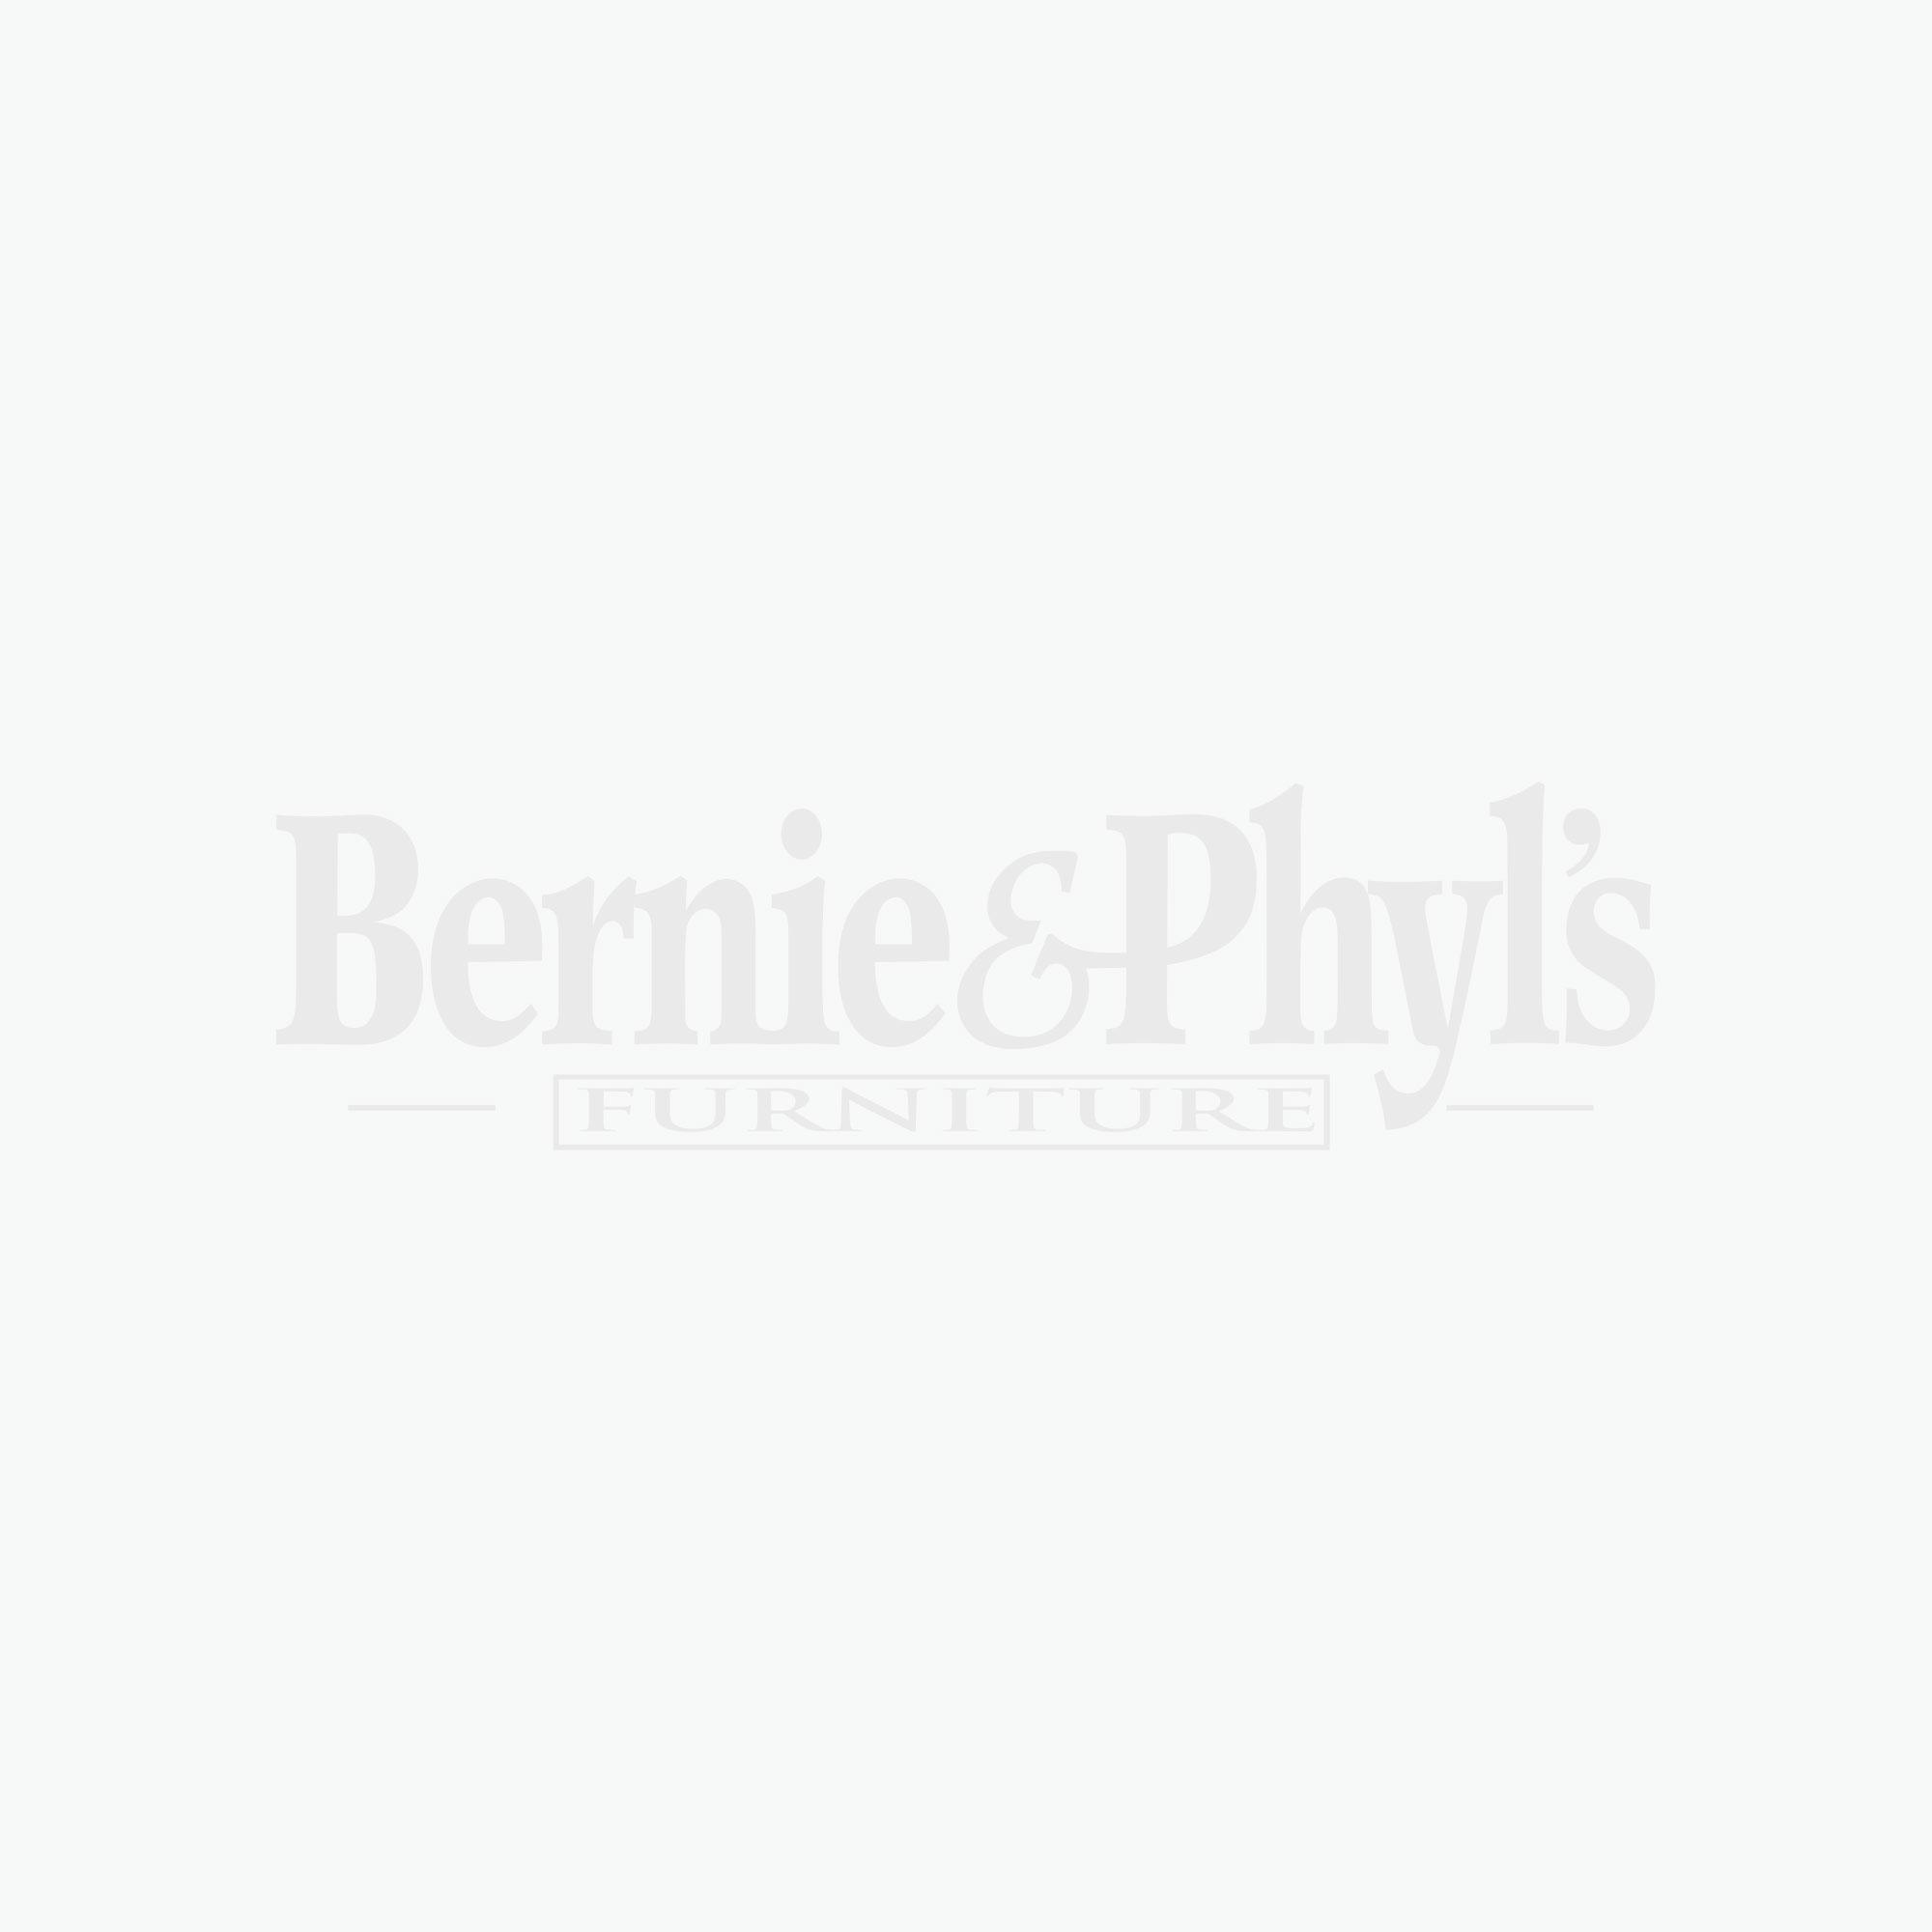 Granbury Black Bench - (Set of 1) - BC9377T - by Southern Enterprises